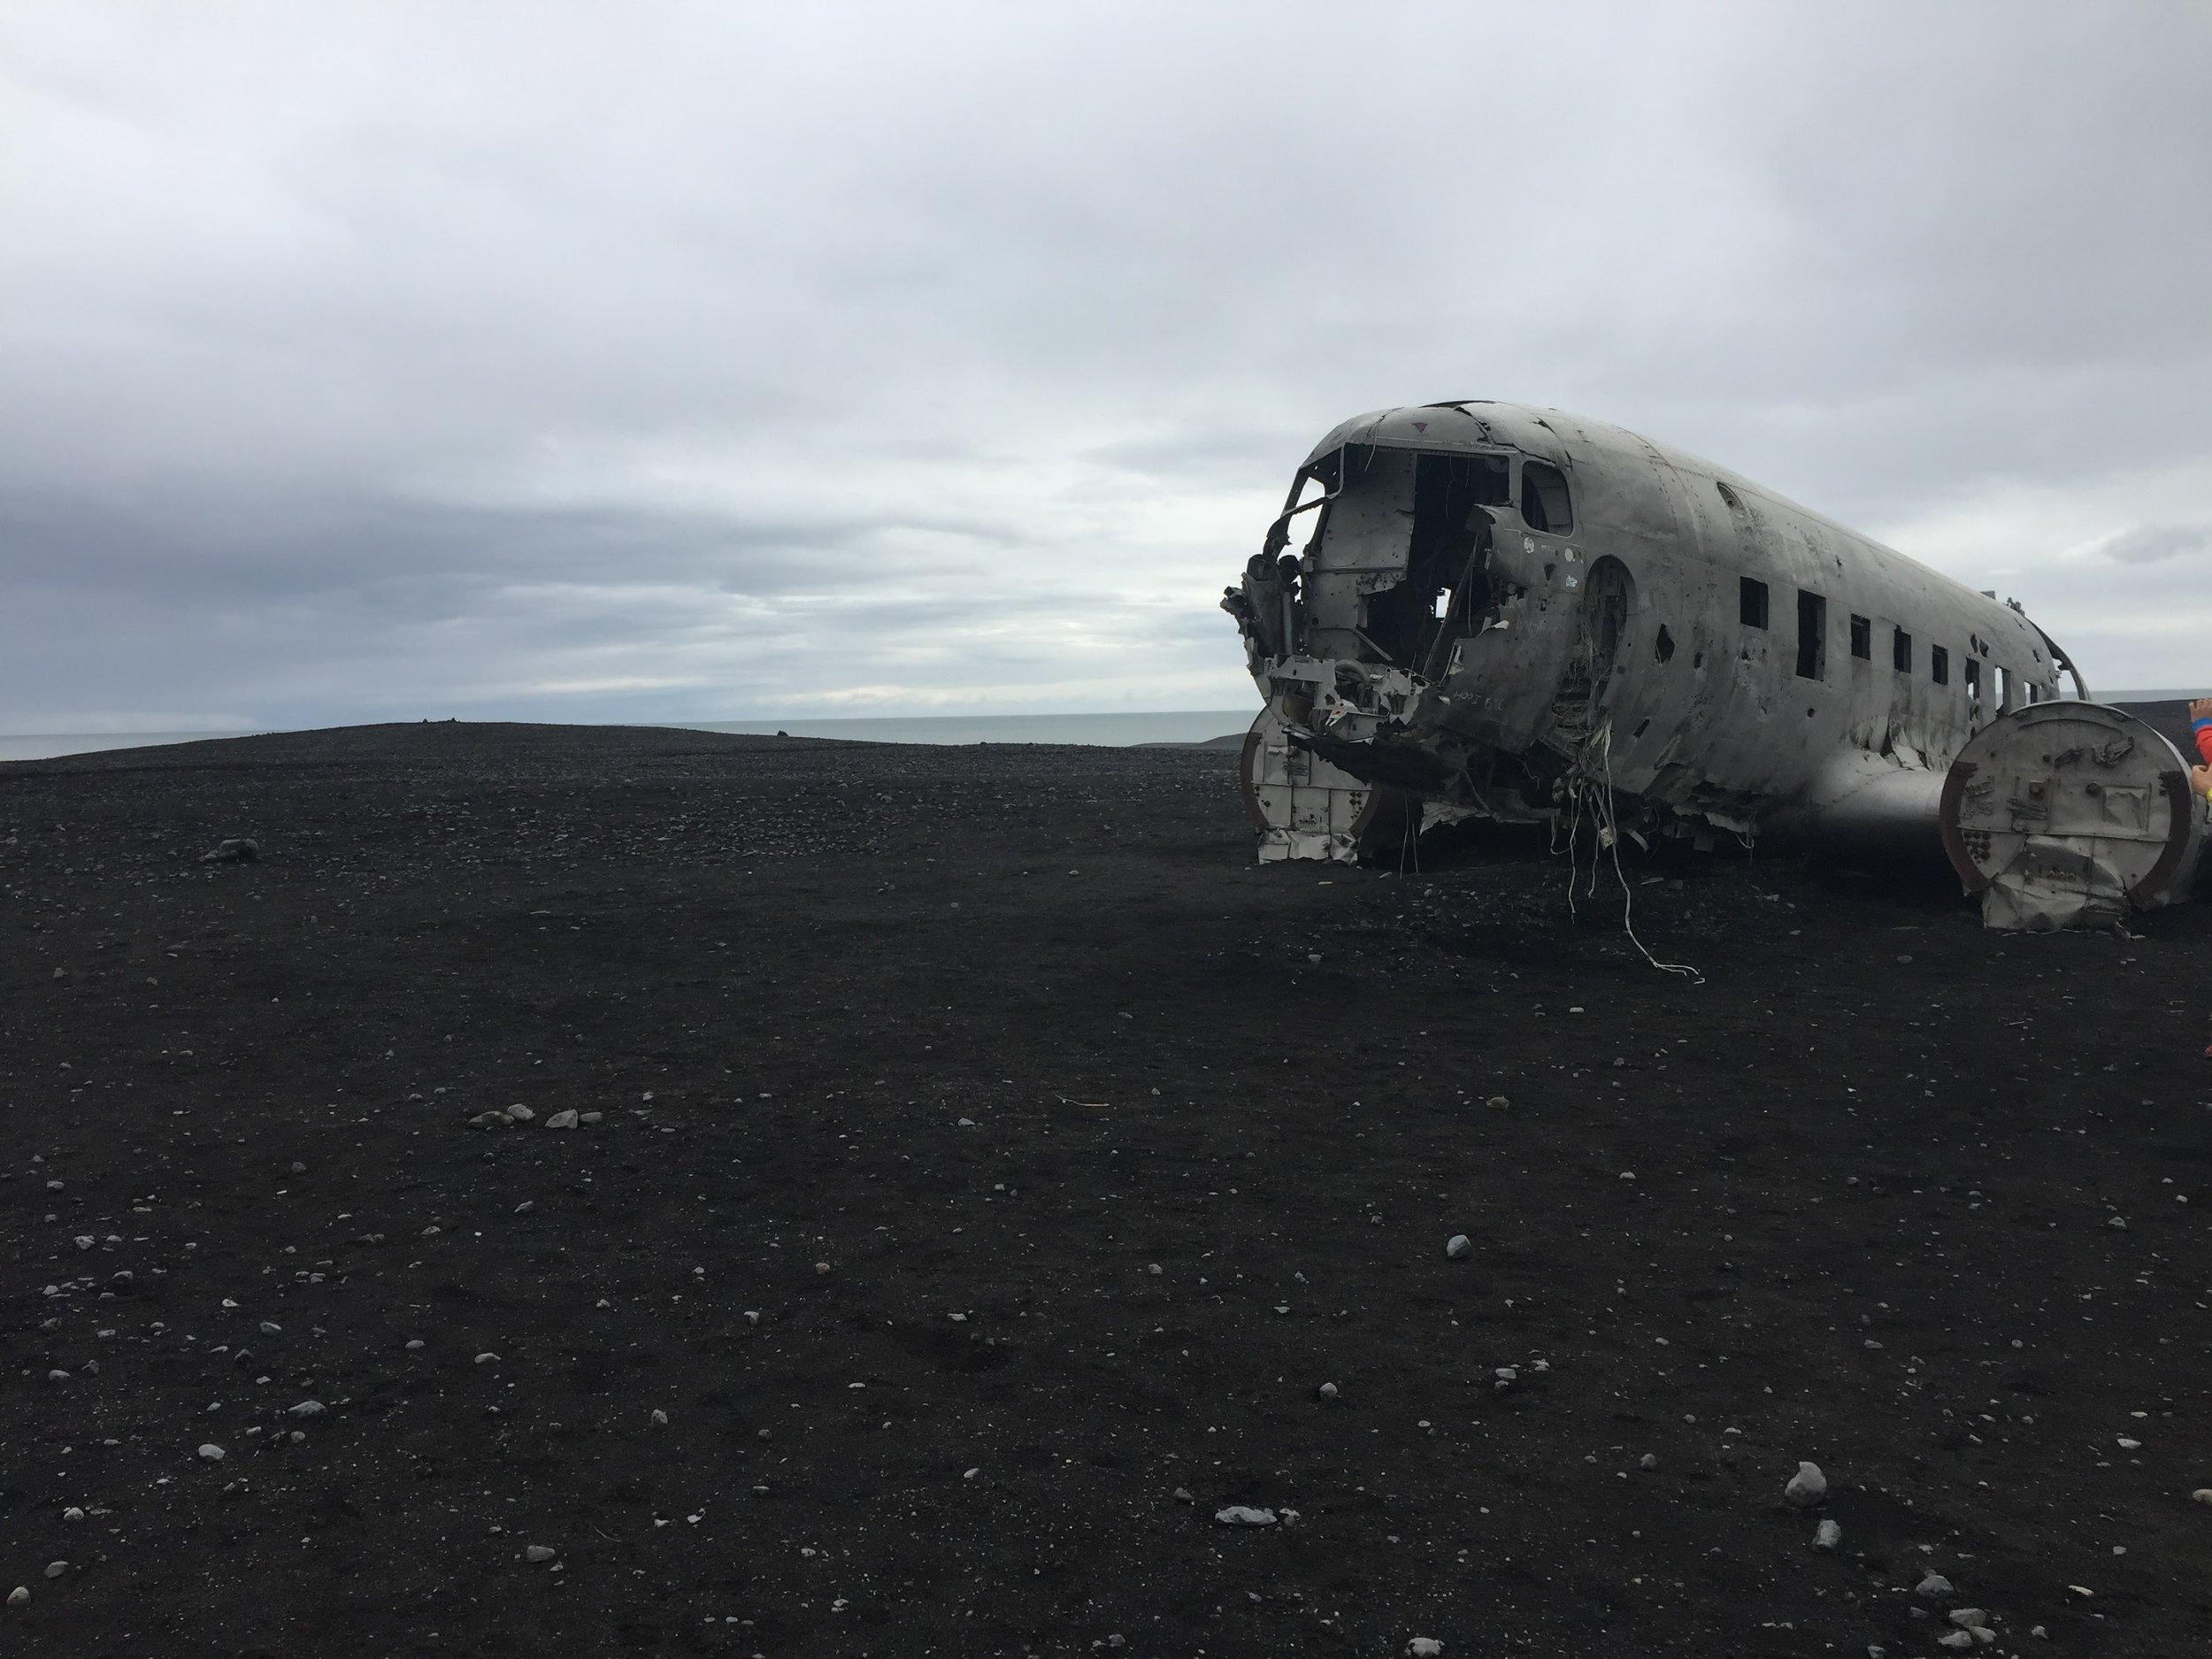 Sólheimasandur Crash